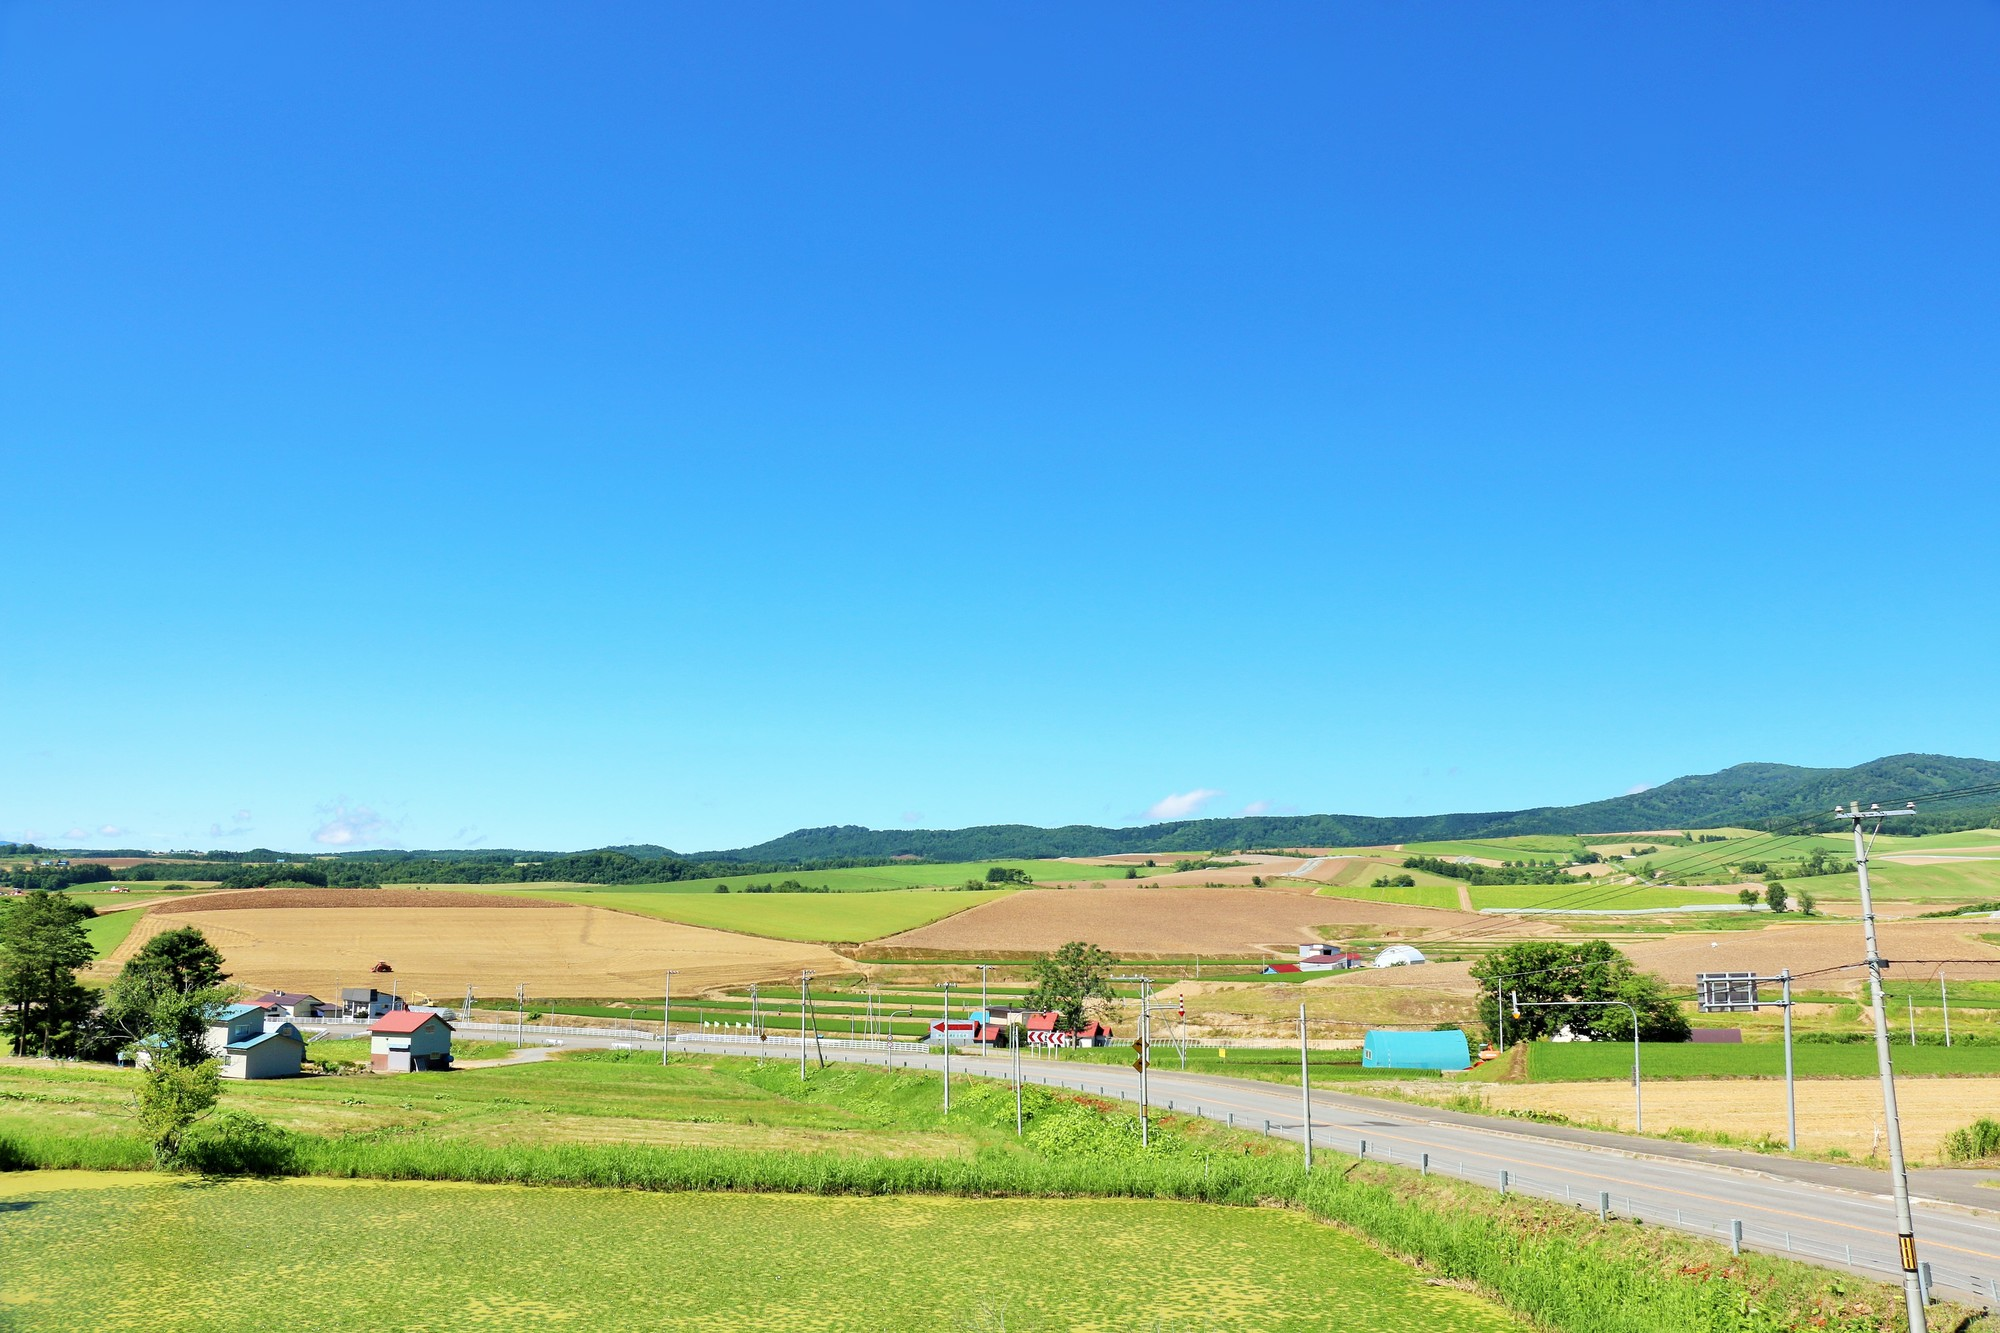 北海道 青空と田舎の風景